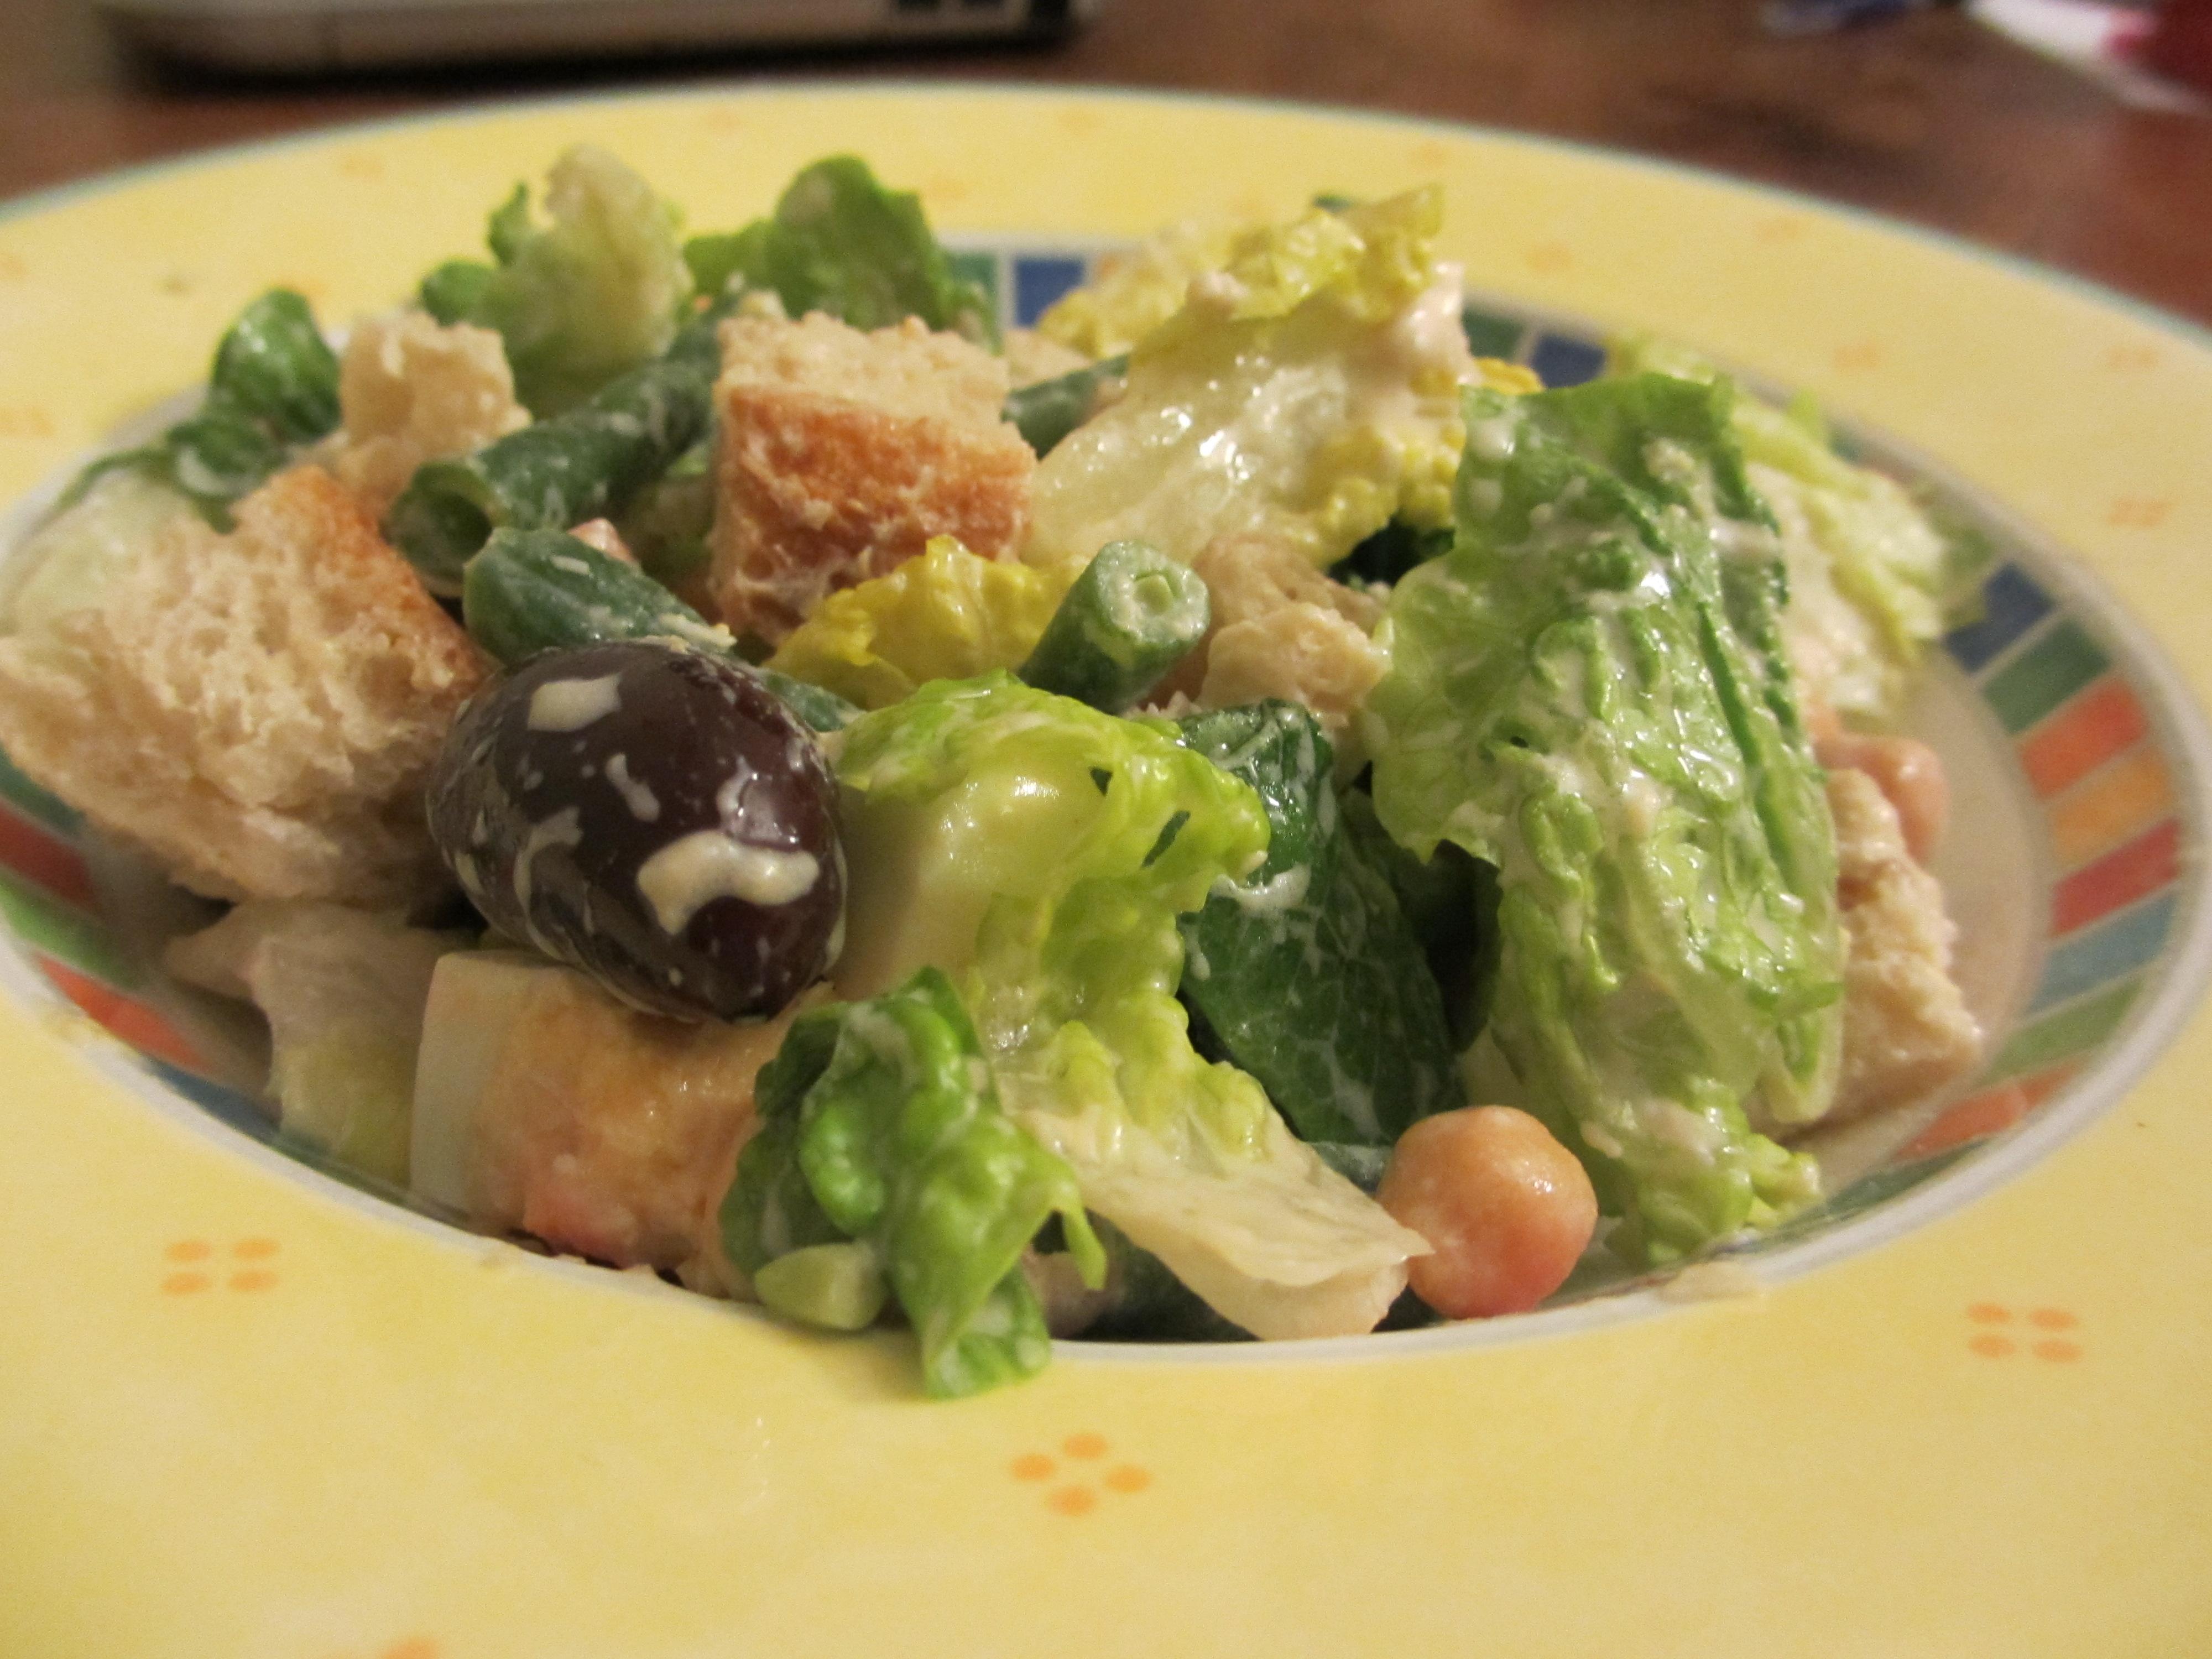 Low Fat Ceasar Salad 2